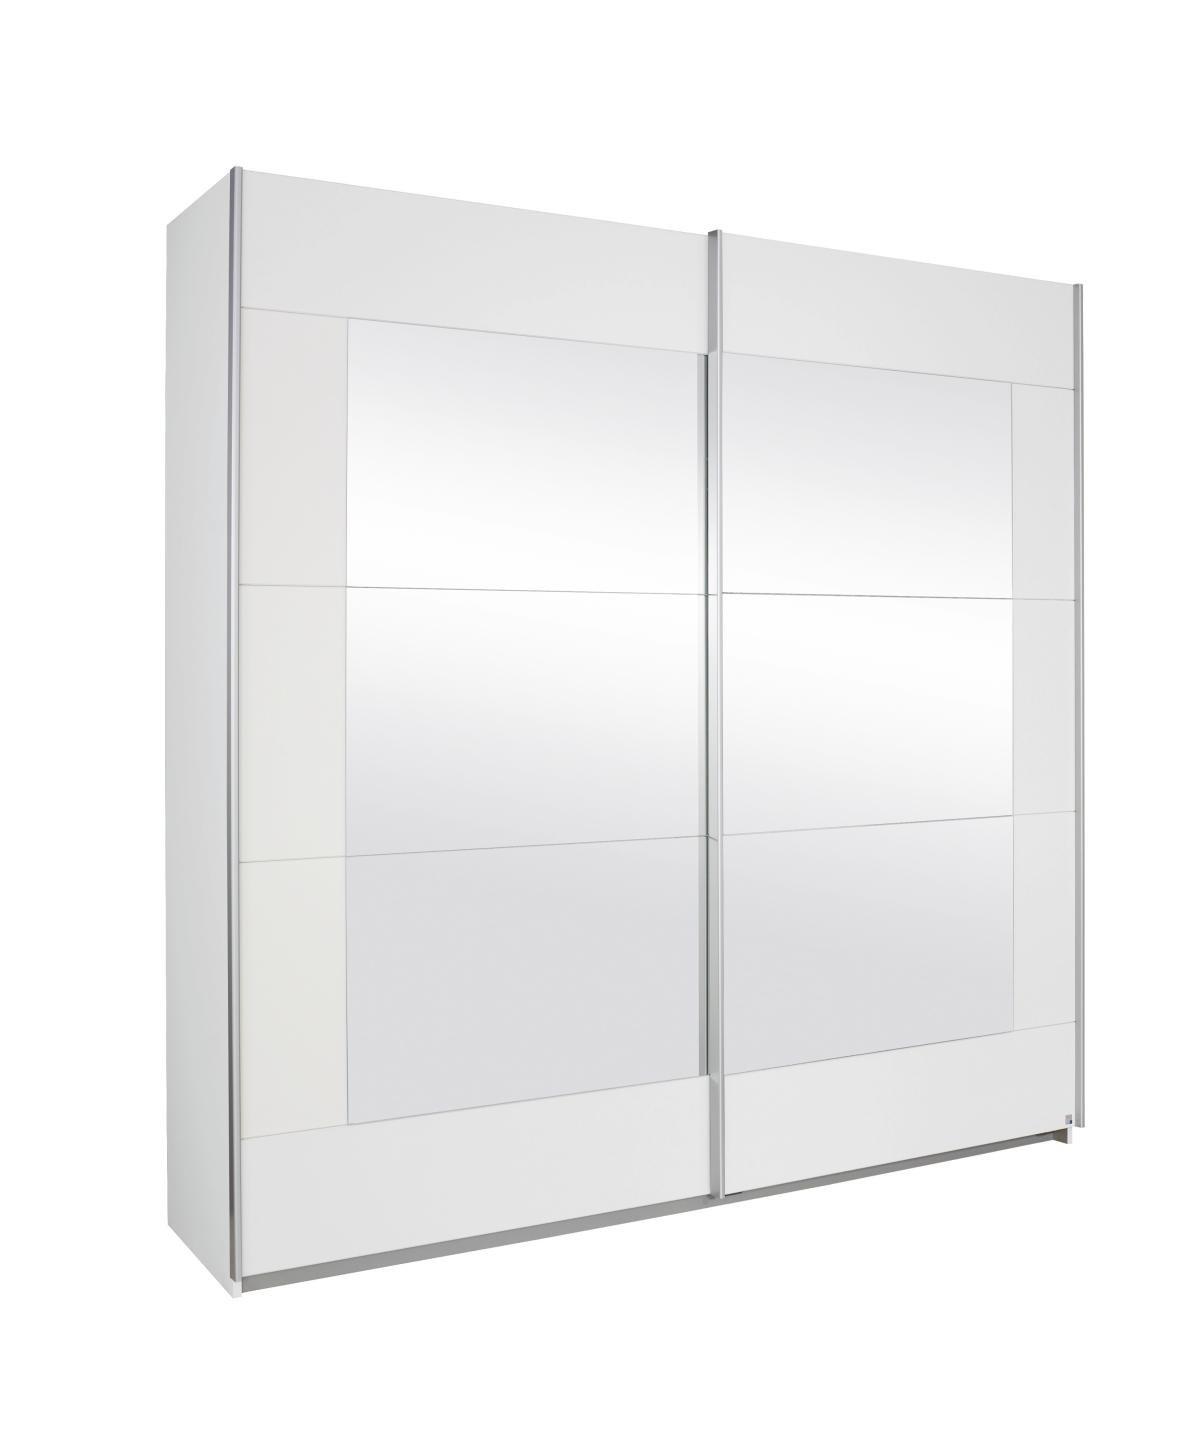 Rauch Schwebetürenschrank Weiß mit Spiegel 2-türig, BxHxT 226x210x62 ...